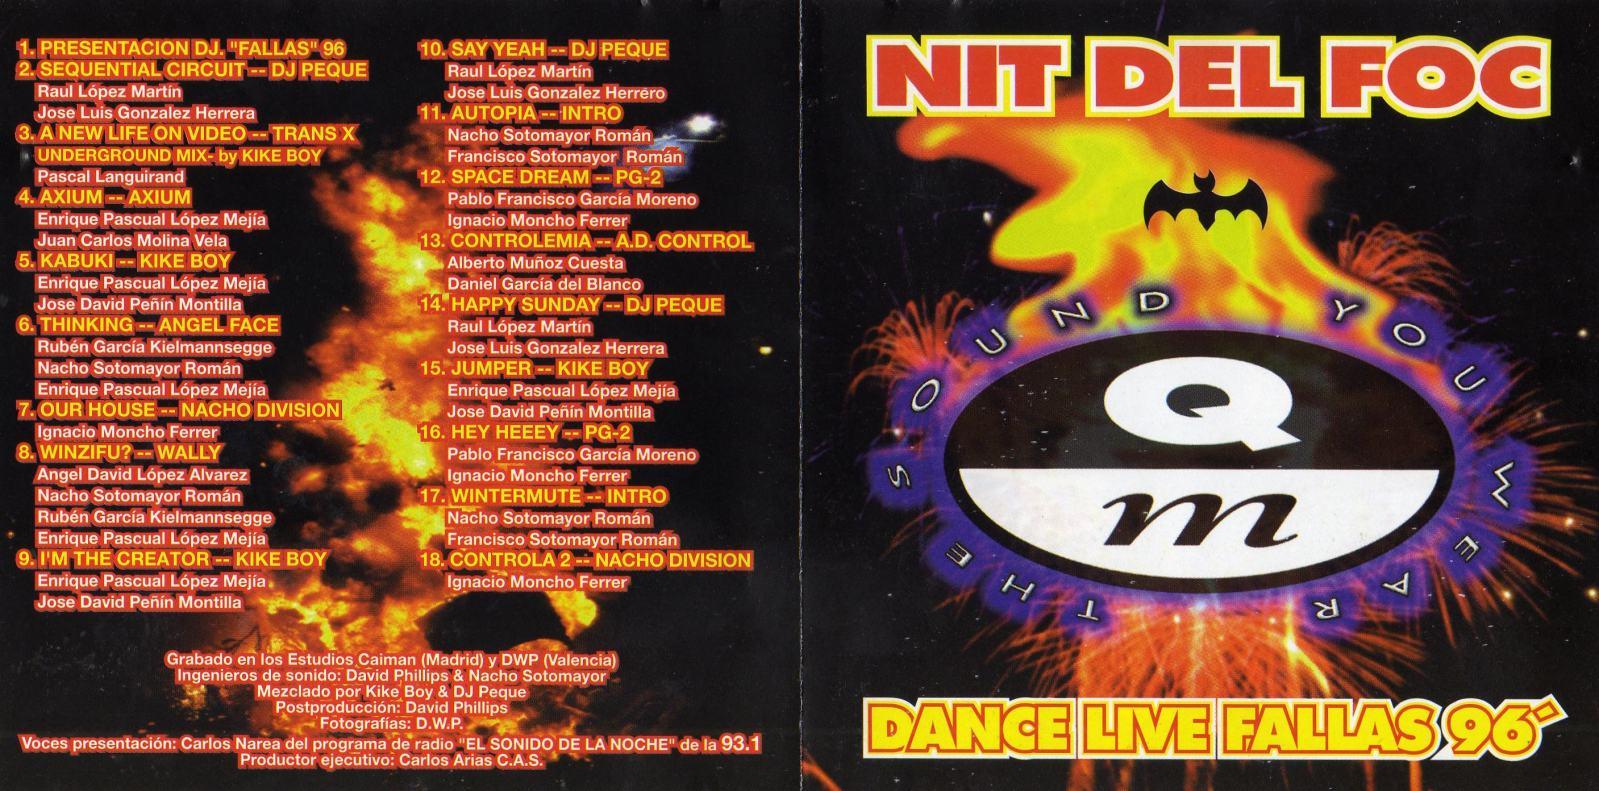 NIT DEL FOC - 1996 - COMPILATION - 192KBPS - QUALITY MADRID 9kma7l